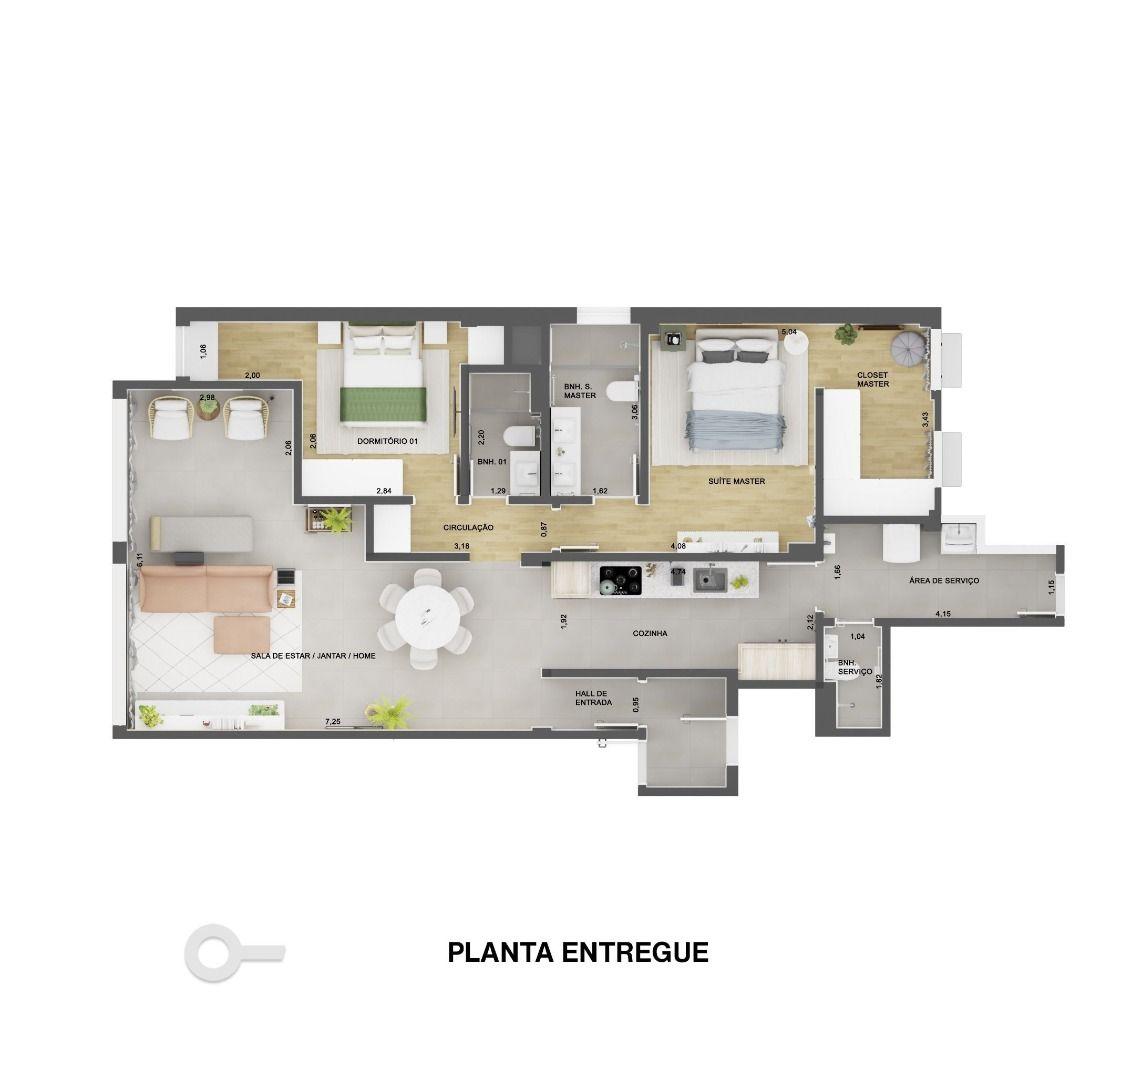 120 M² - 2 QUARTOS, SENDO 1 SUÍTE. (Apartamento 103, 1º andar).